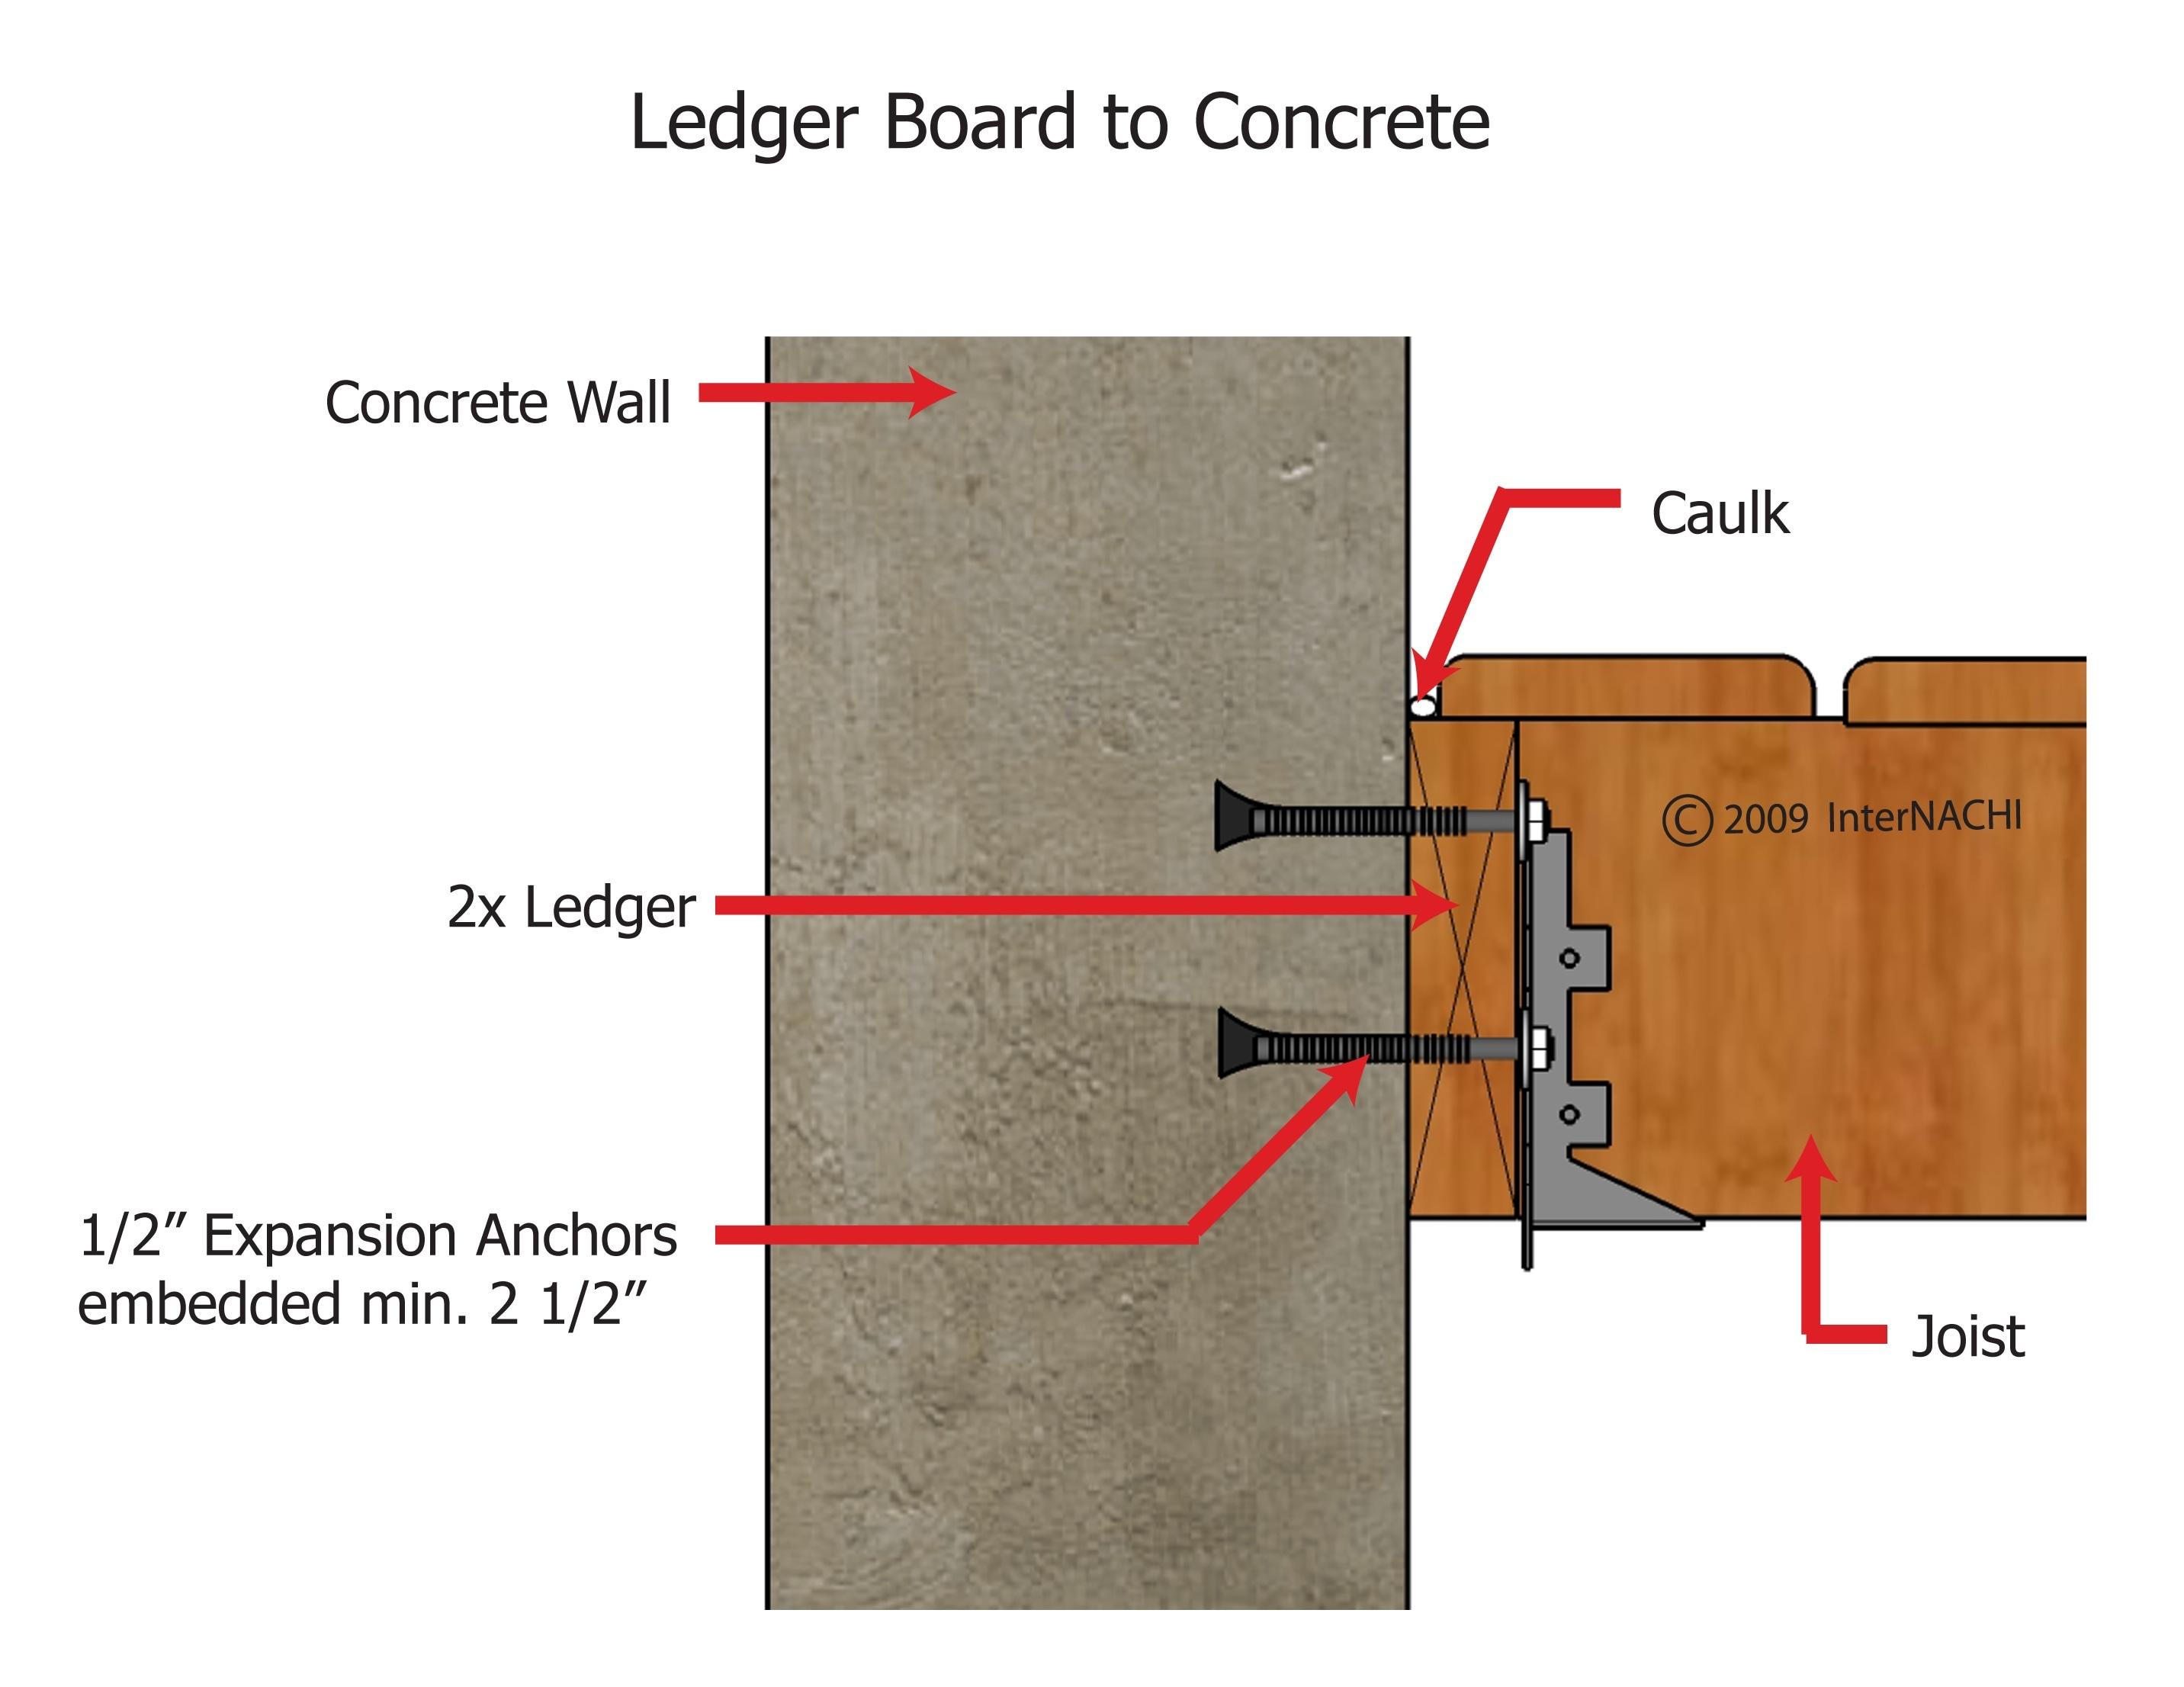 Ledger board to concrete.